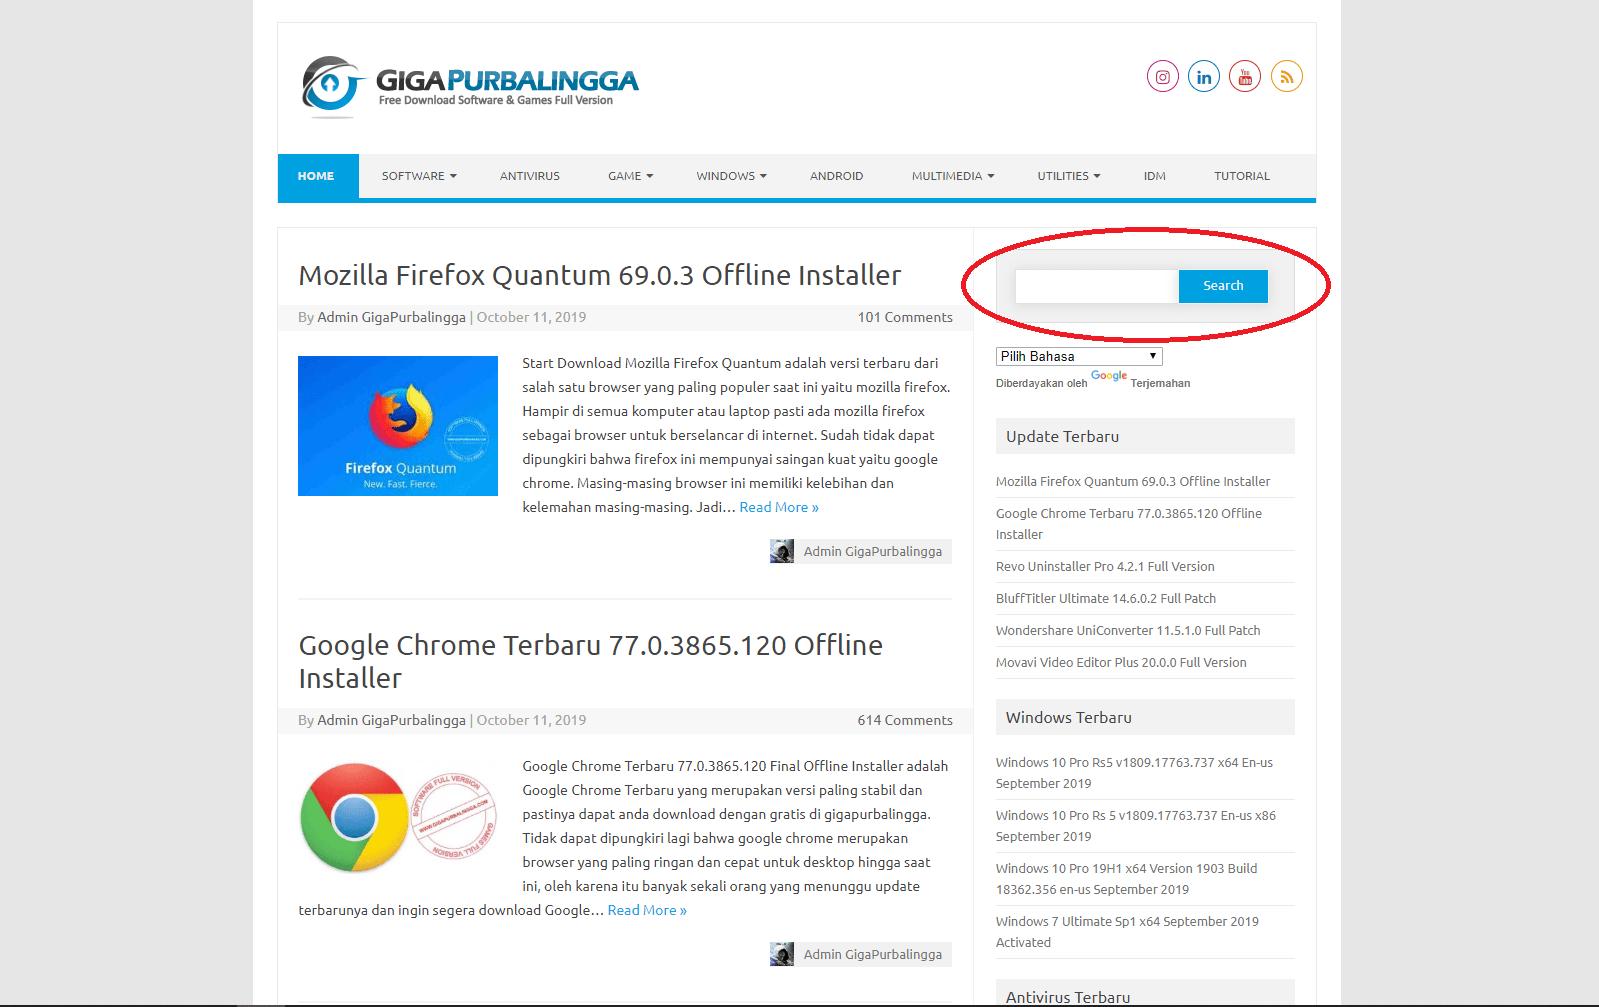 Cara mencari software di Gigapurbalingga